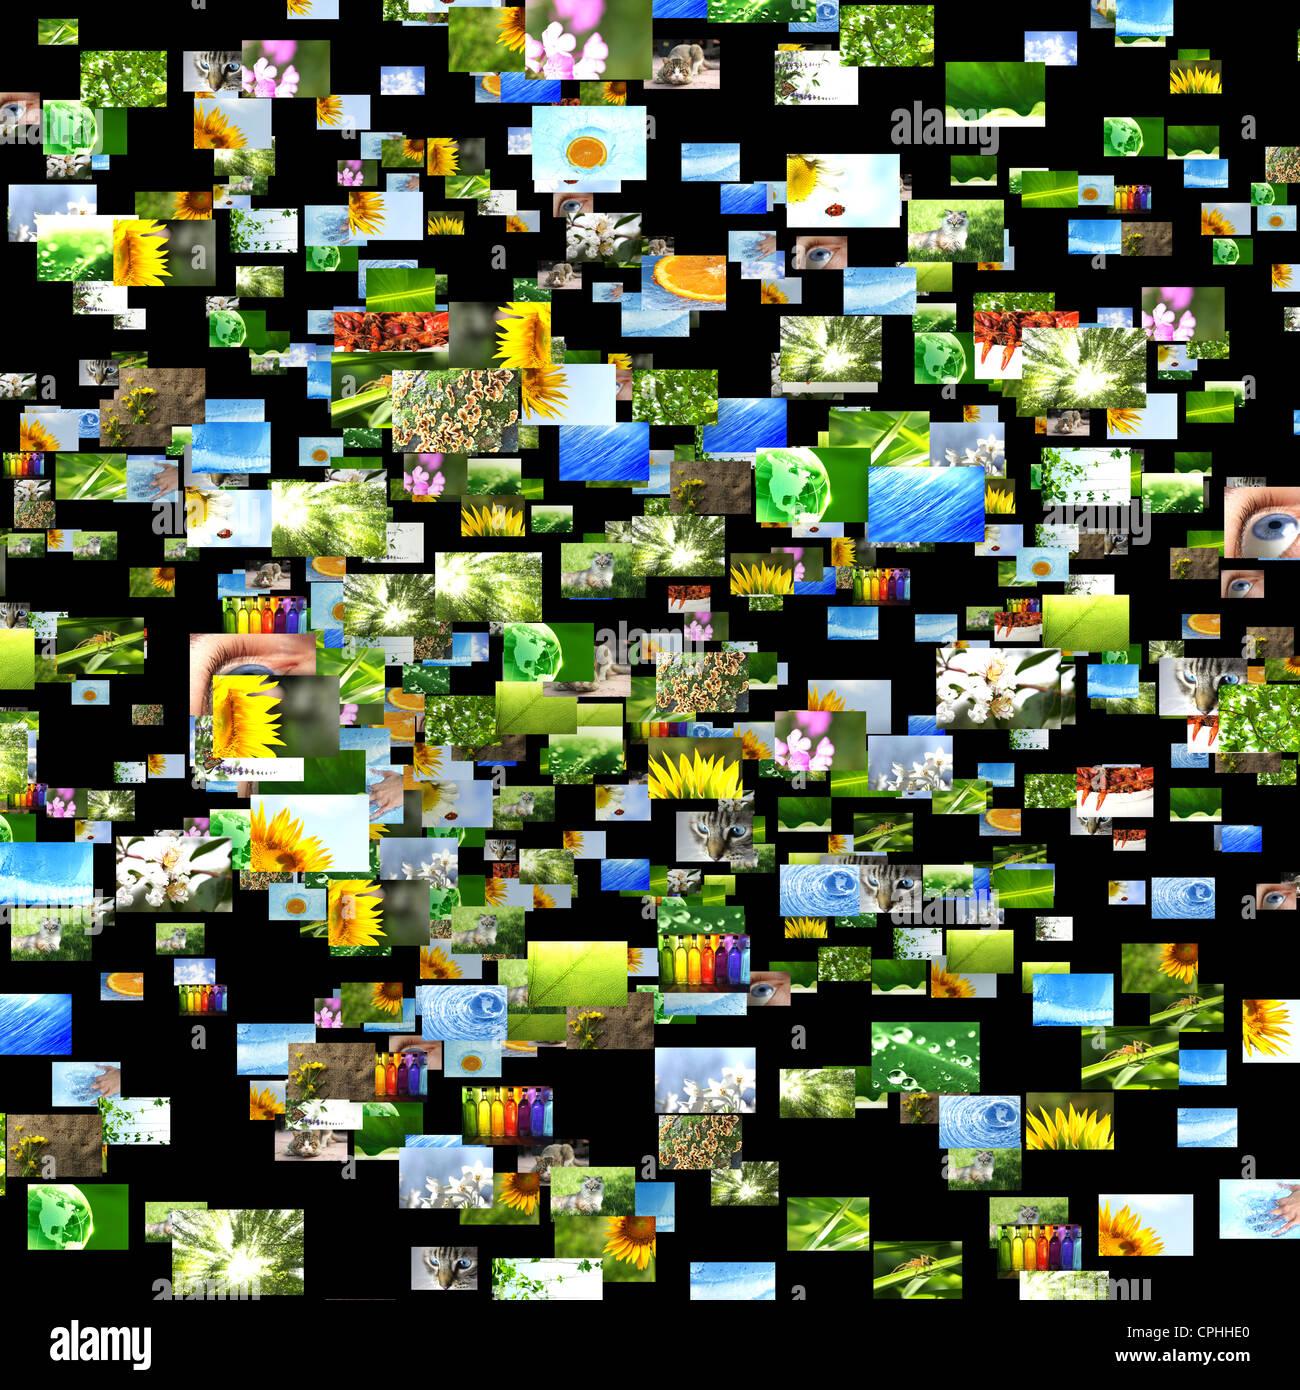 Images dispersées Photo Stock